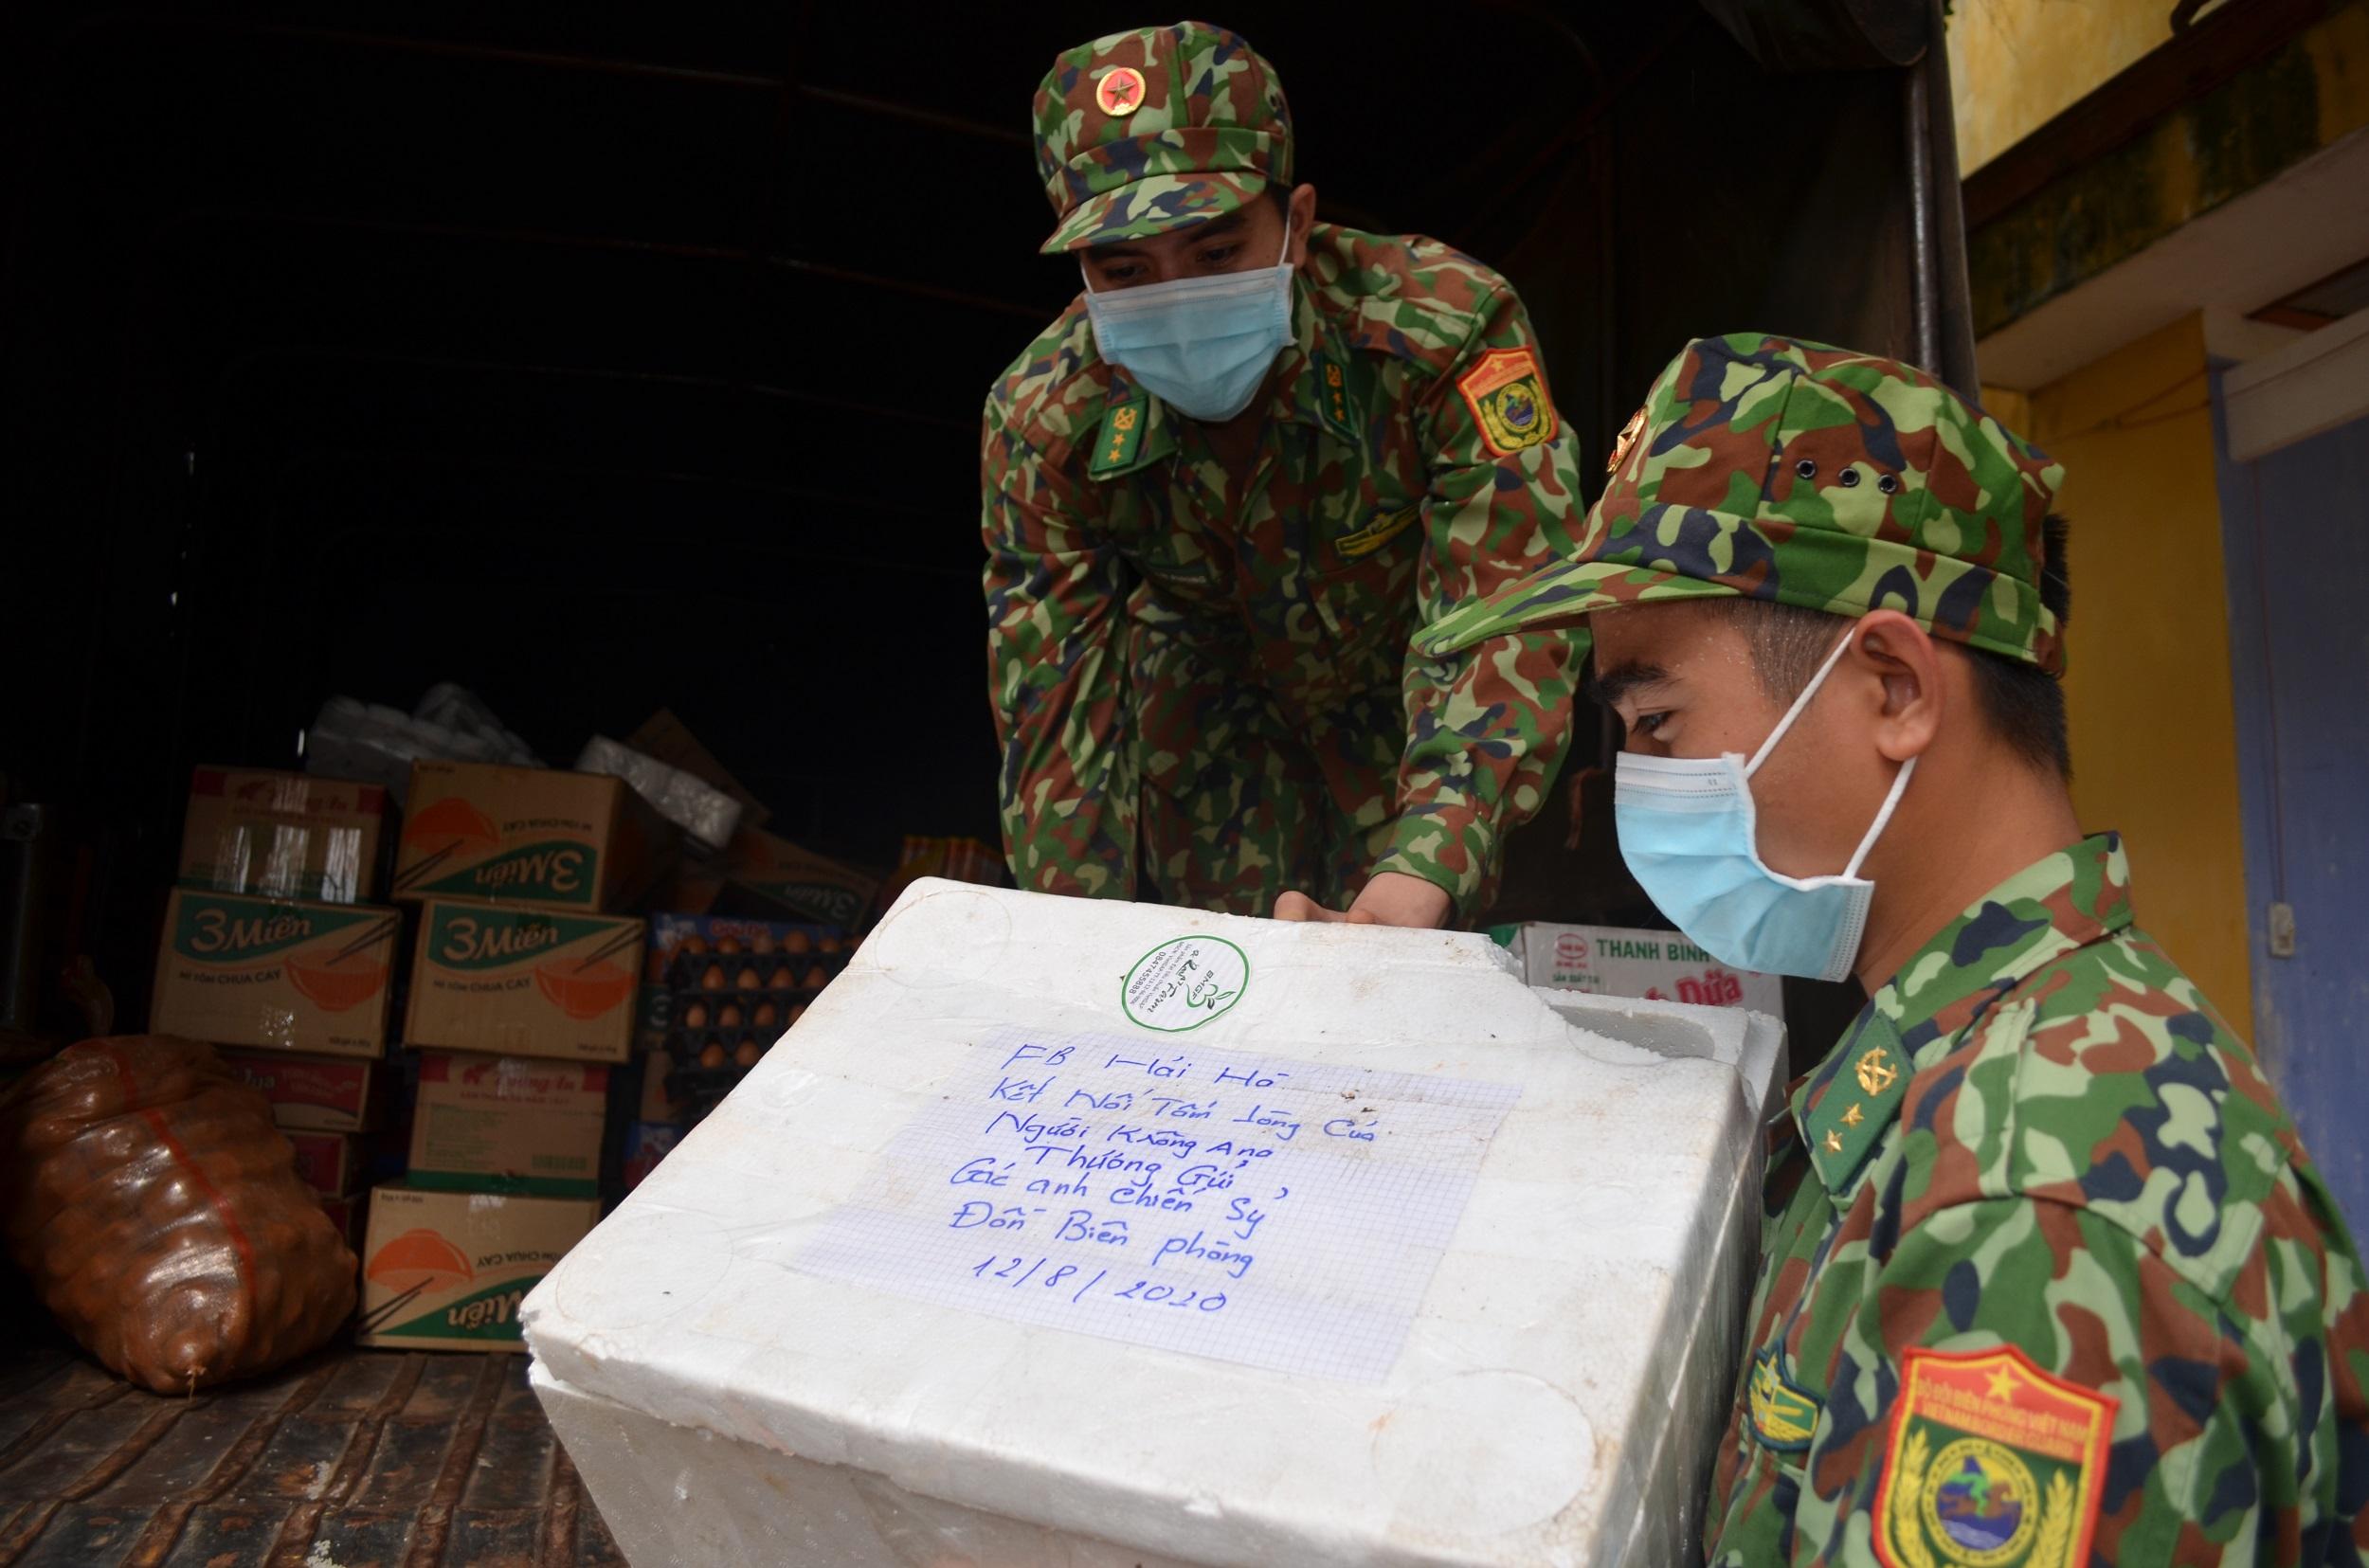 Bộ đội Biên phòng tỉnh Đắk Lắk tiếp tục tiếp nhận hơn 01 tấn nhu yếu phẩm hỗ trợ phòng chống dịch Covid-19